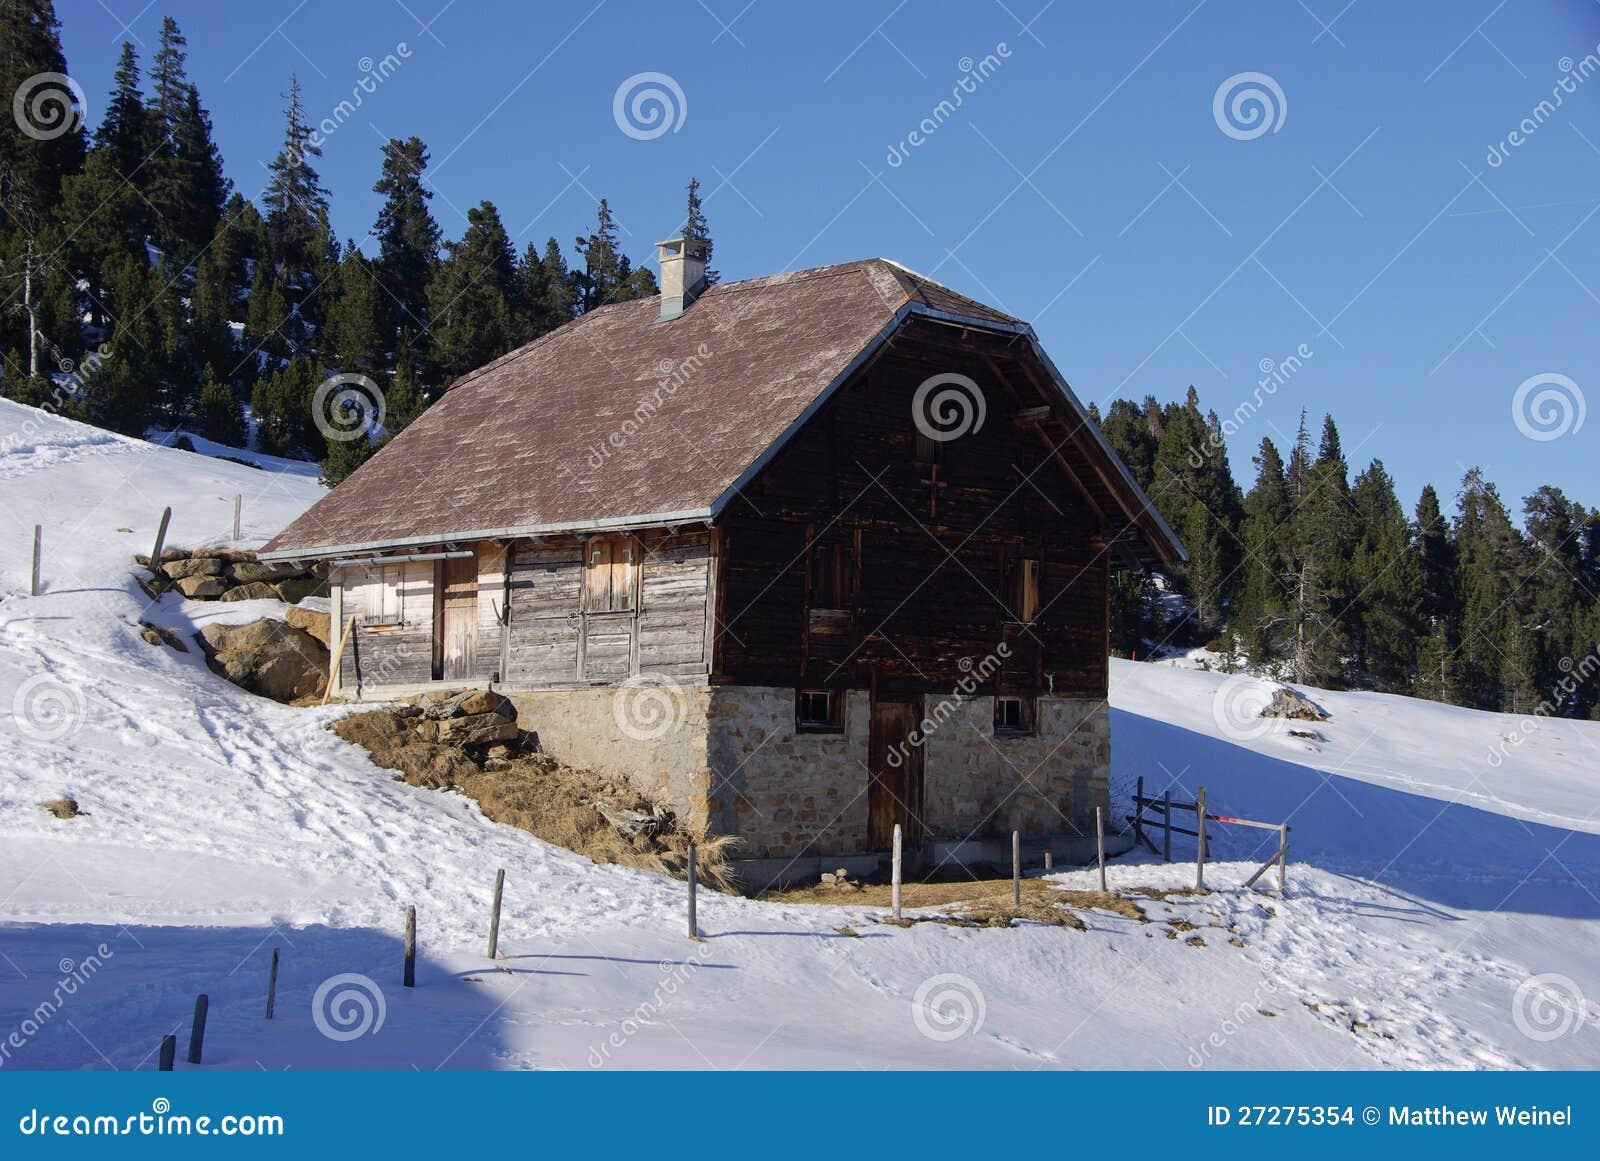 Chalet på den snöig bergssidan